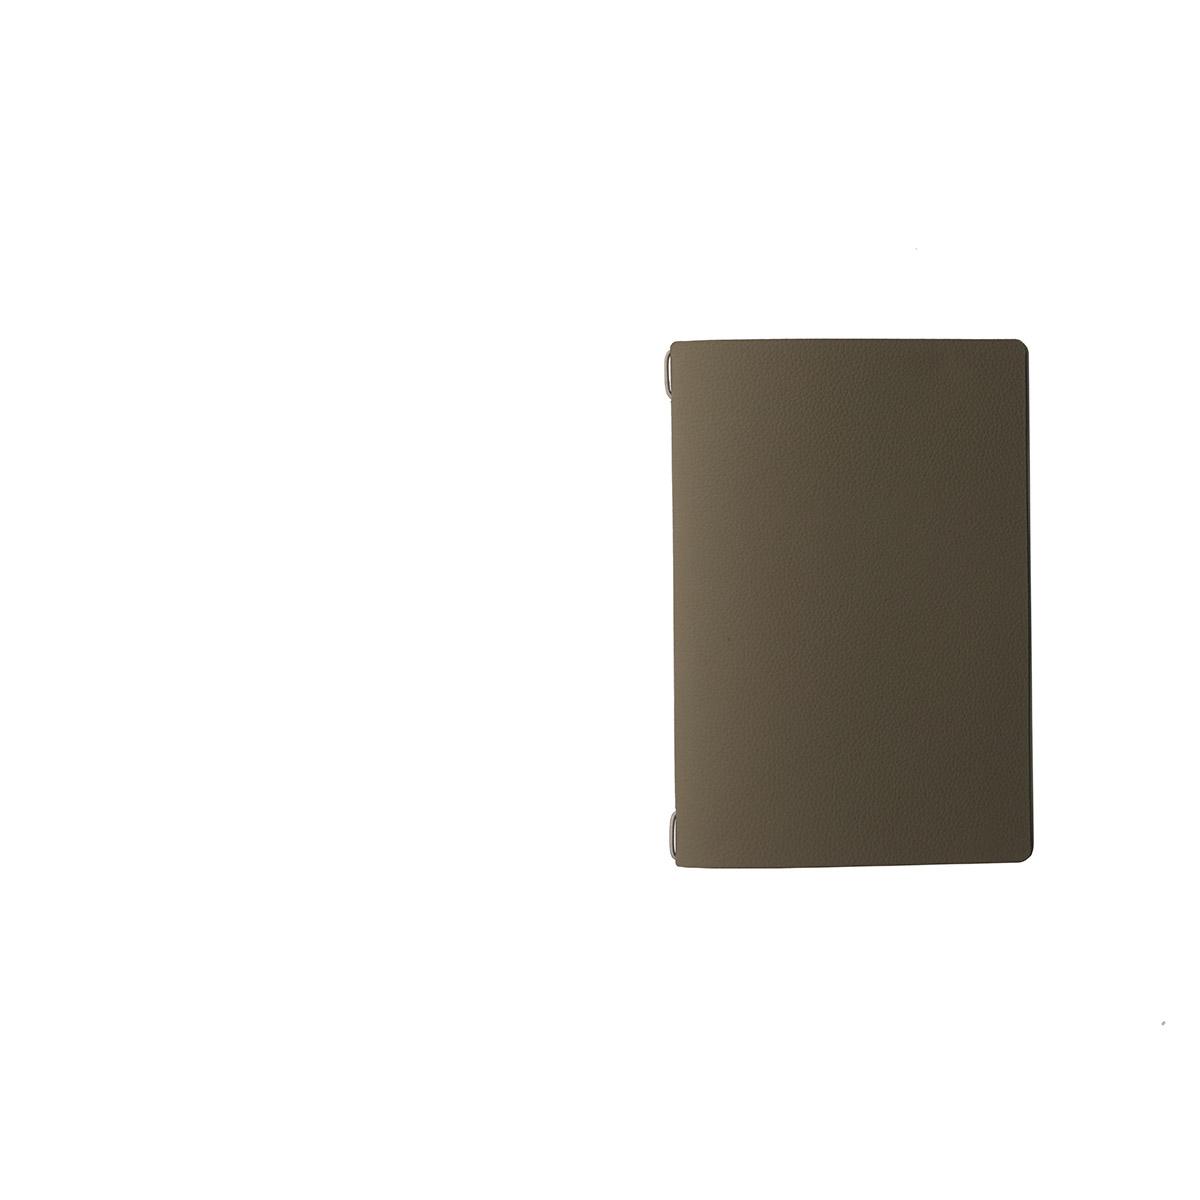 MENU EASY A5-Ventidue 08-18126083_X